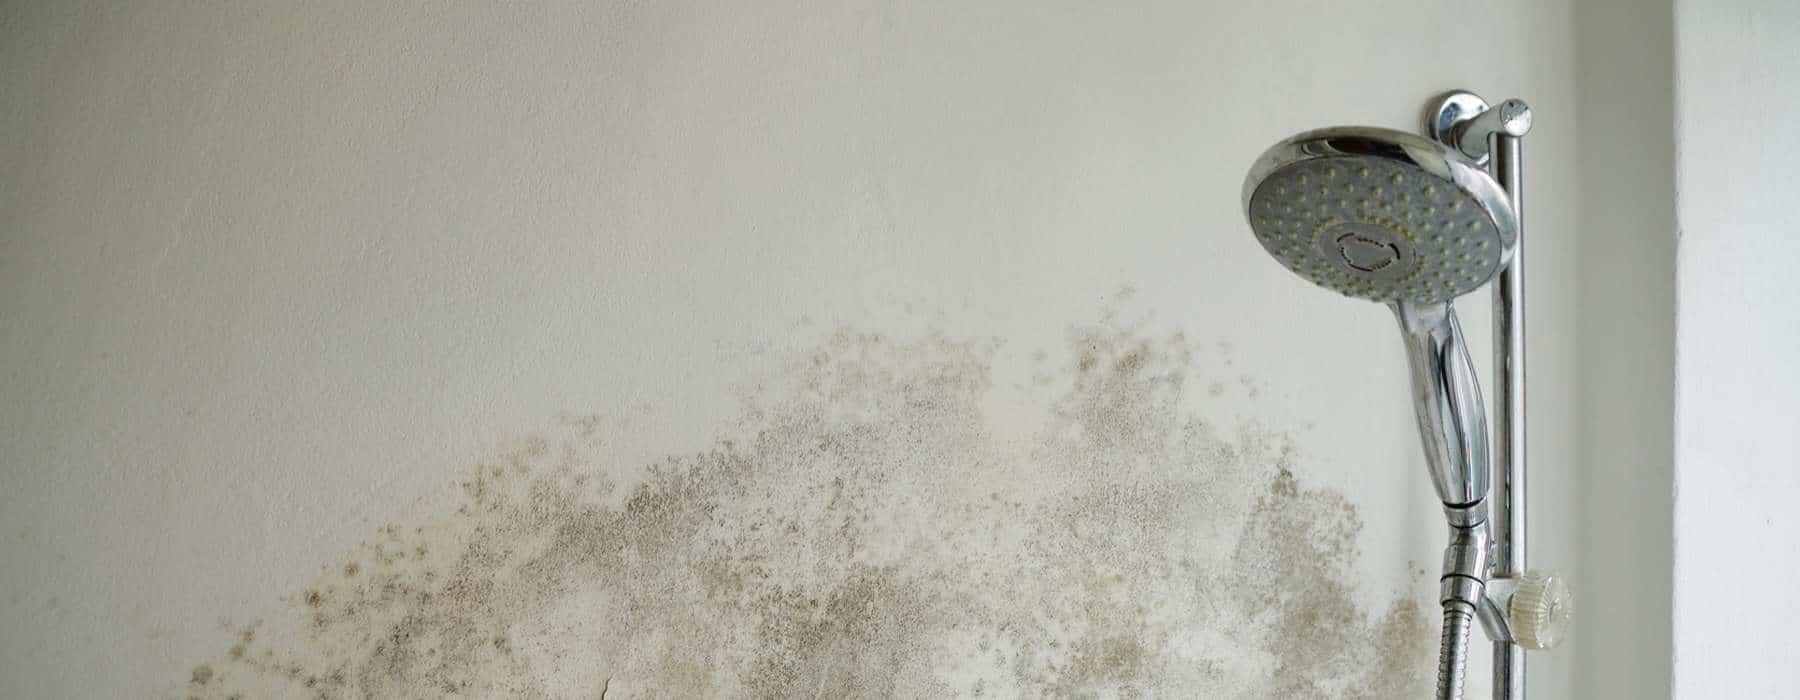 enlever la moisissure dans une salle de bain mode d emploi. Black Bedroom Furniture Sets. Home Design Ideas